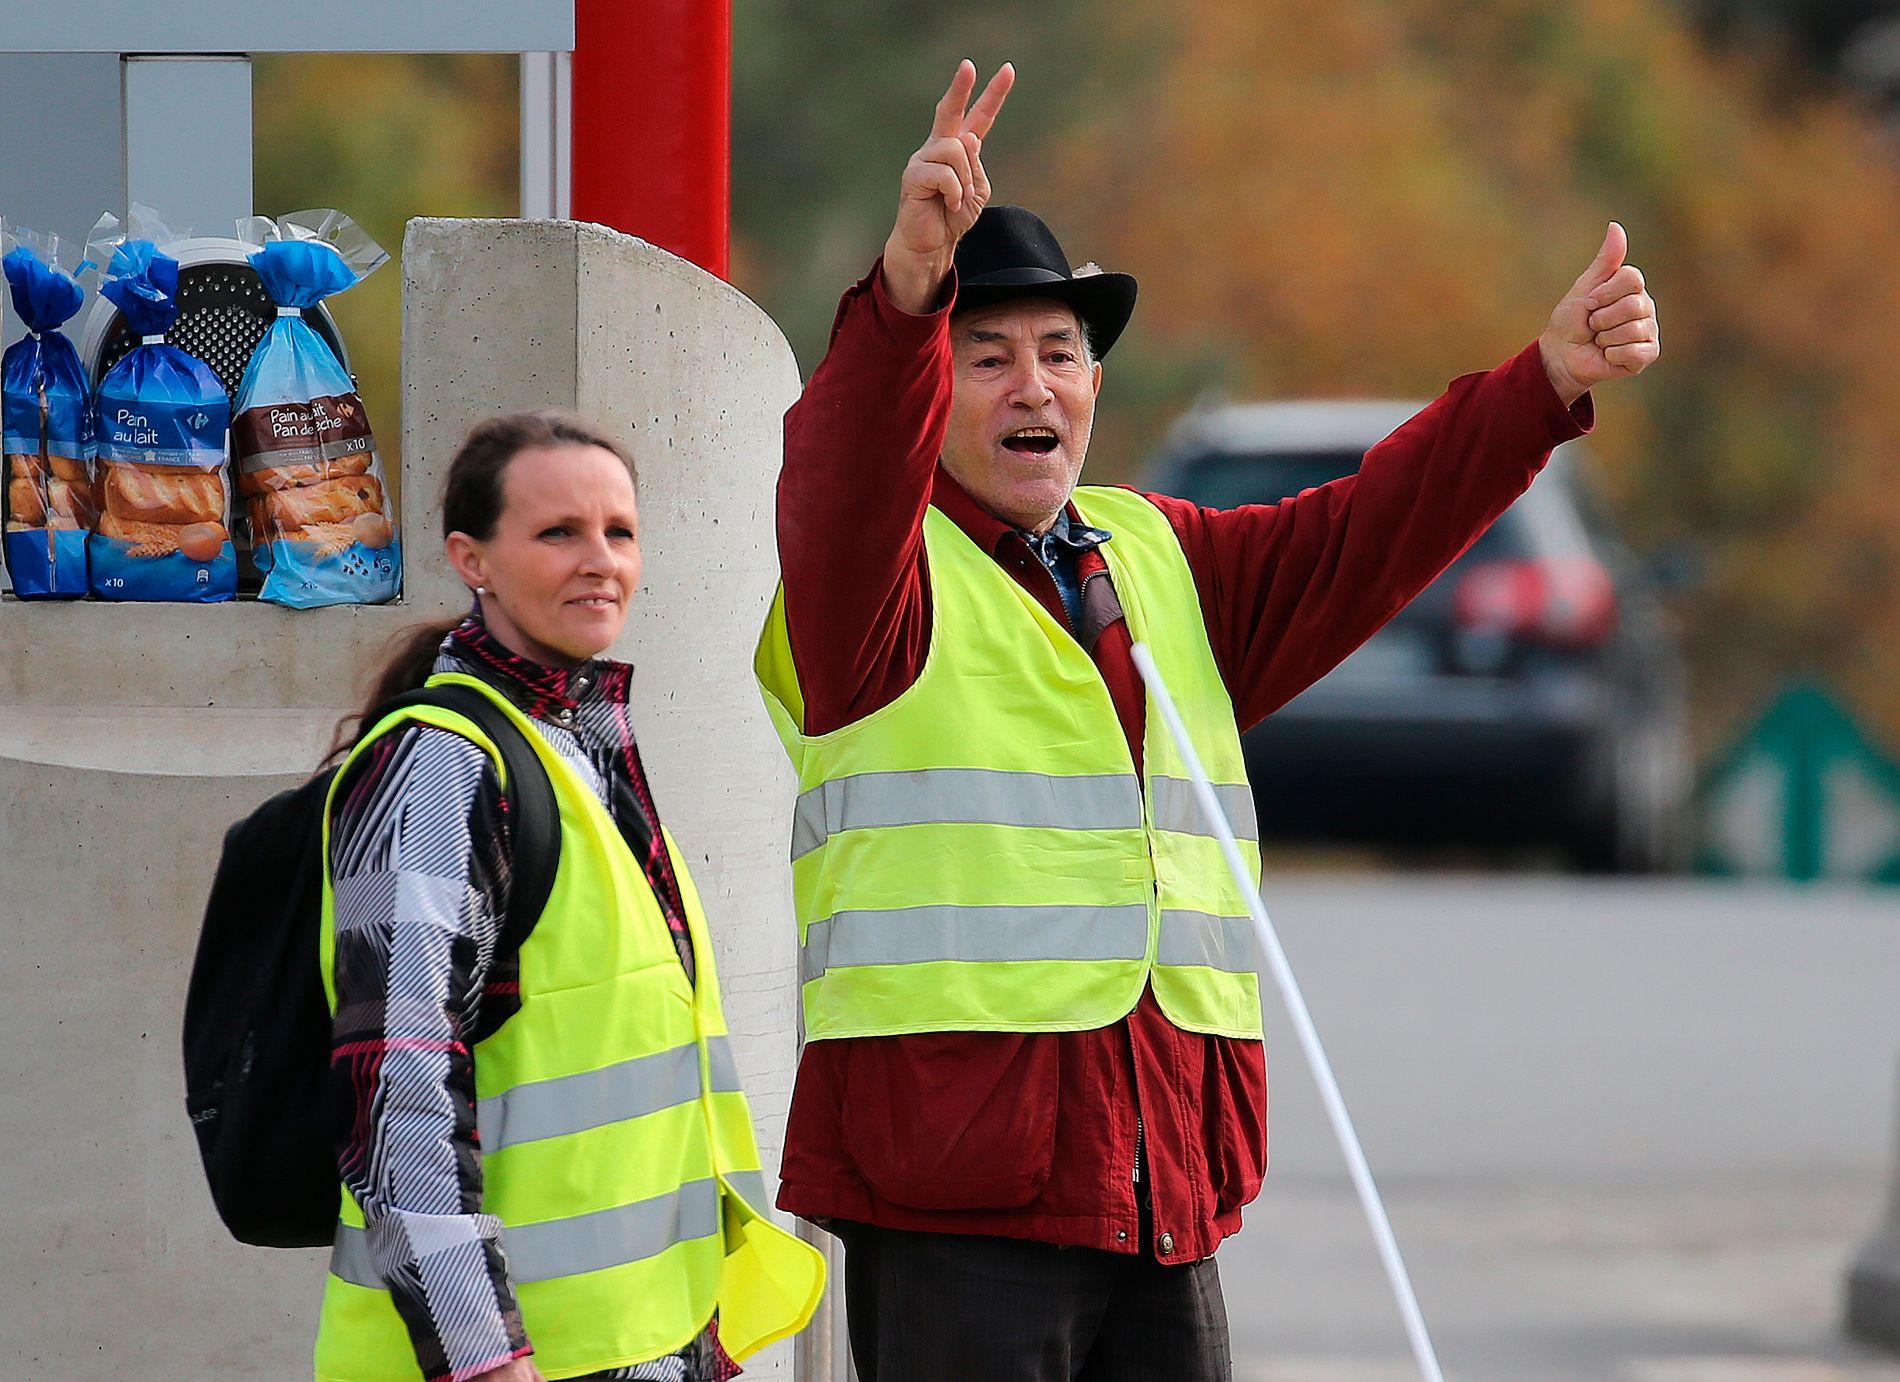 OPPRØR: Kledd i gule refleksvestar har franskmenn tatt til gatene dei siste vekene, i protest mot nok ein auke i drivstoffavgiftene. Dei er ikkje mot klimatiltak, men mot at folk med dårleg råd skal ta heile rekninga, skriv BT-kommentator Hans K. Mjelva